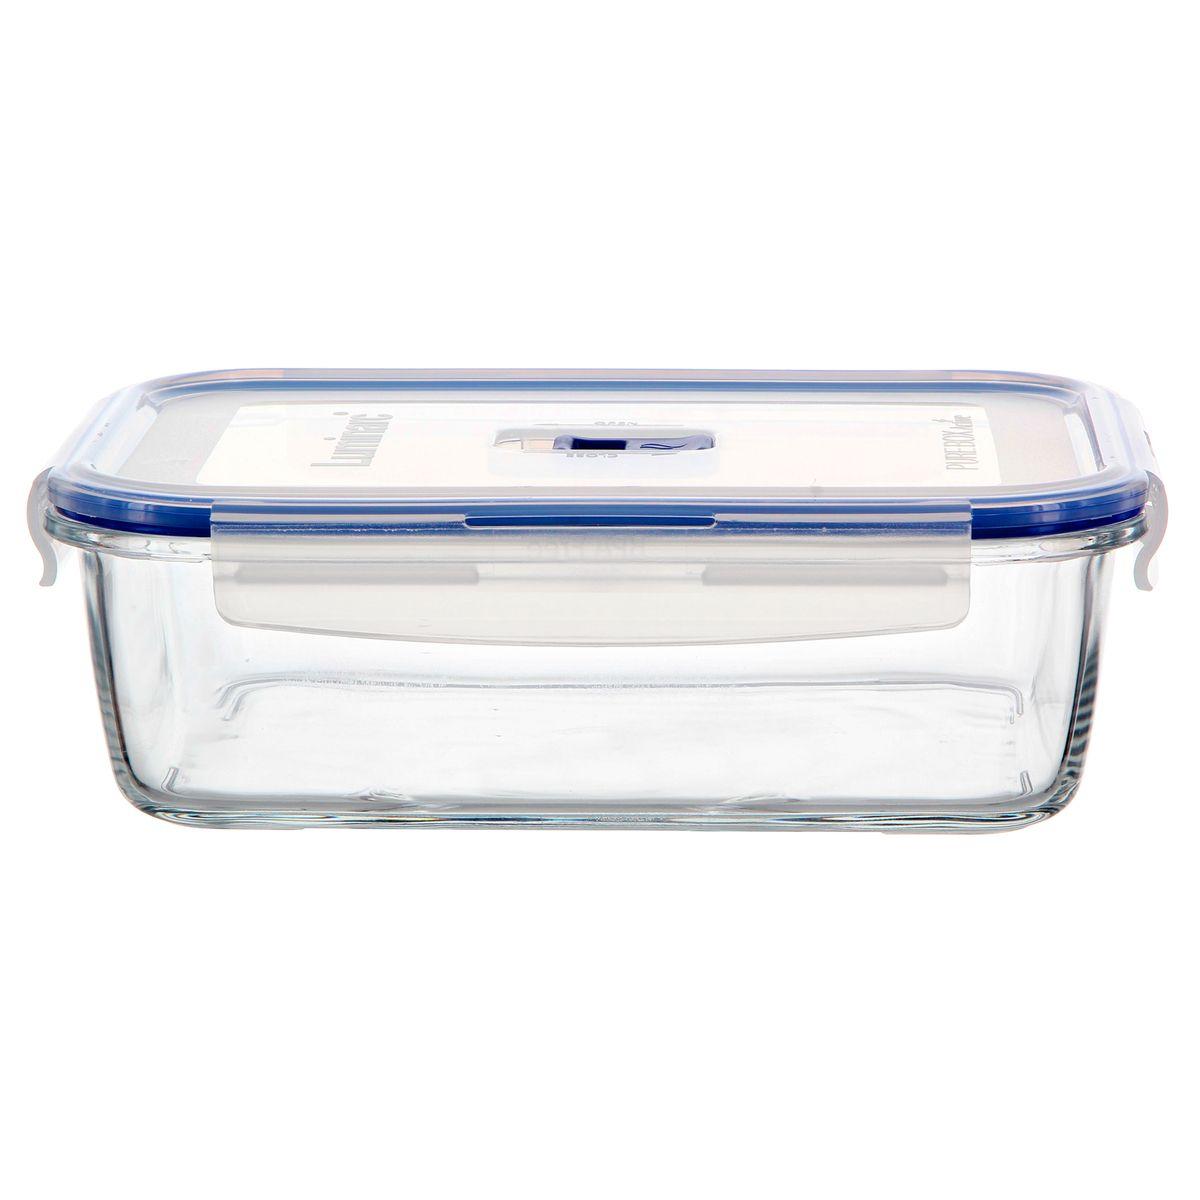 Boite hermétique Pure Box rectangulaire en verre 197 cl 7.9 x 18 x 24.2 cm - Luminarc